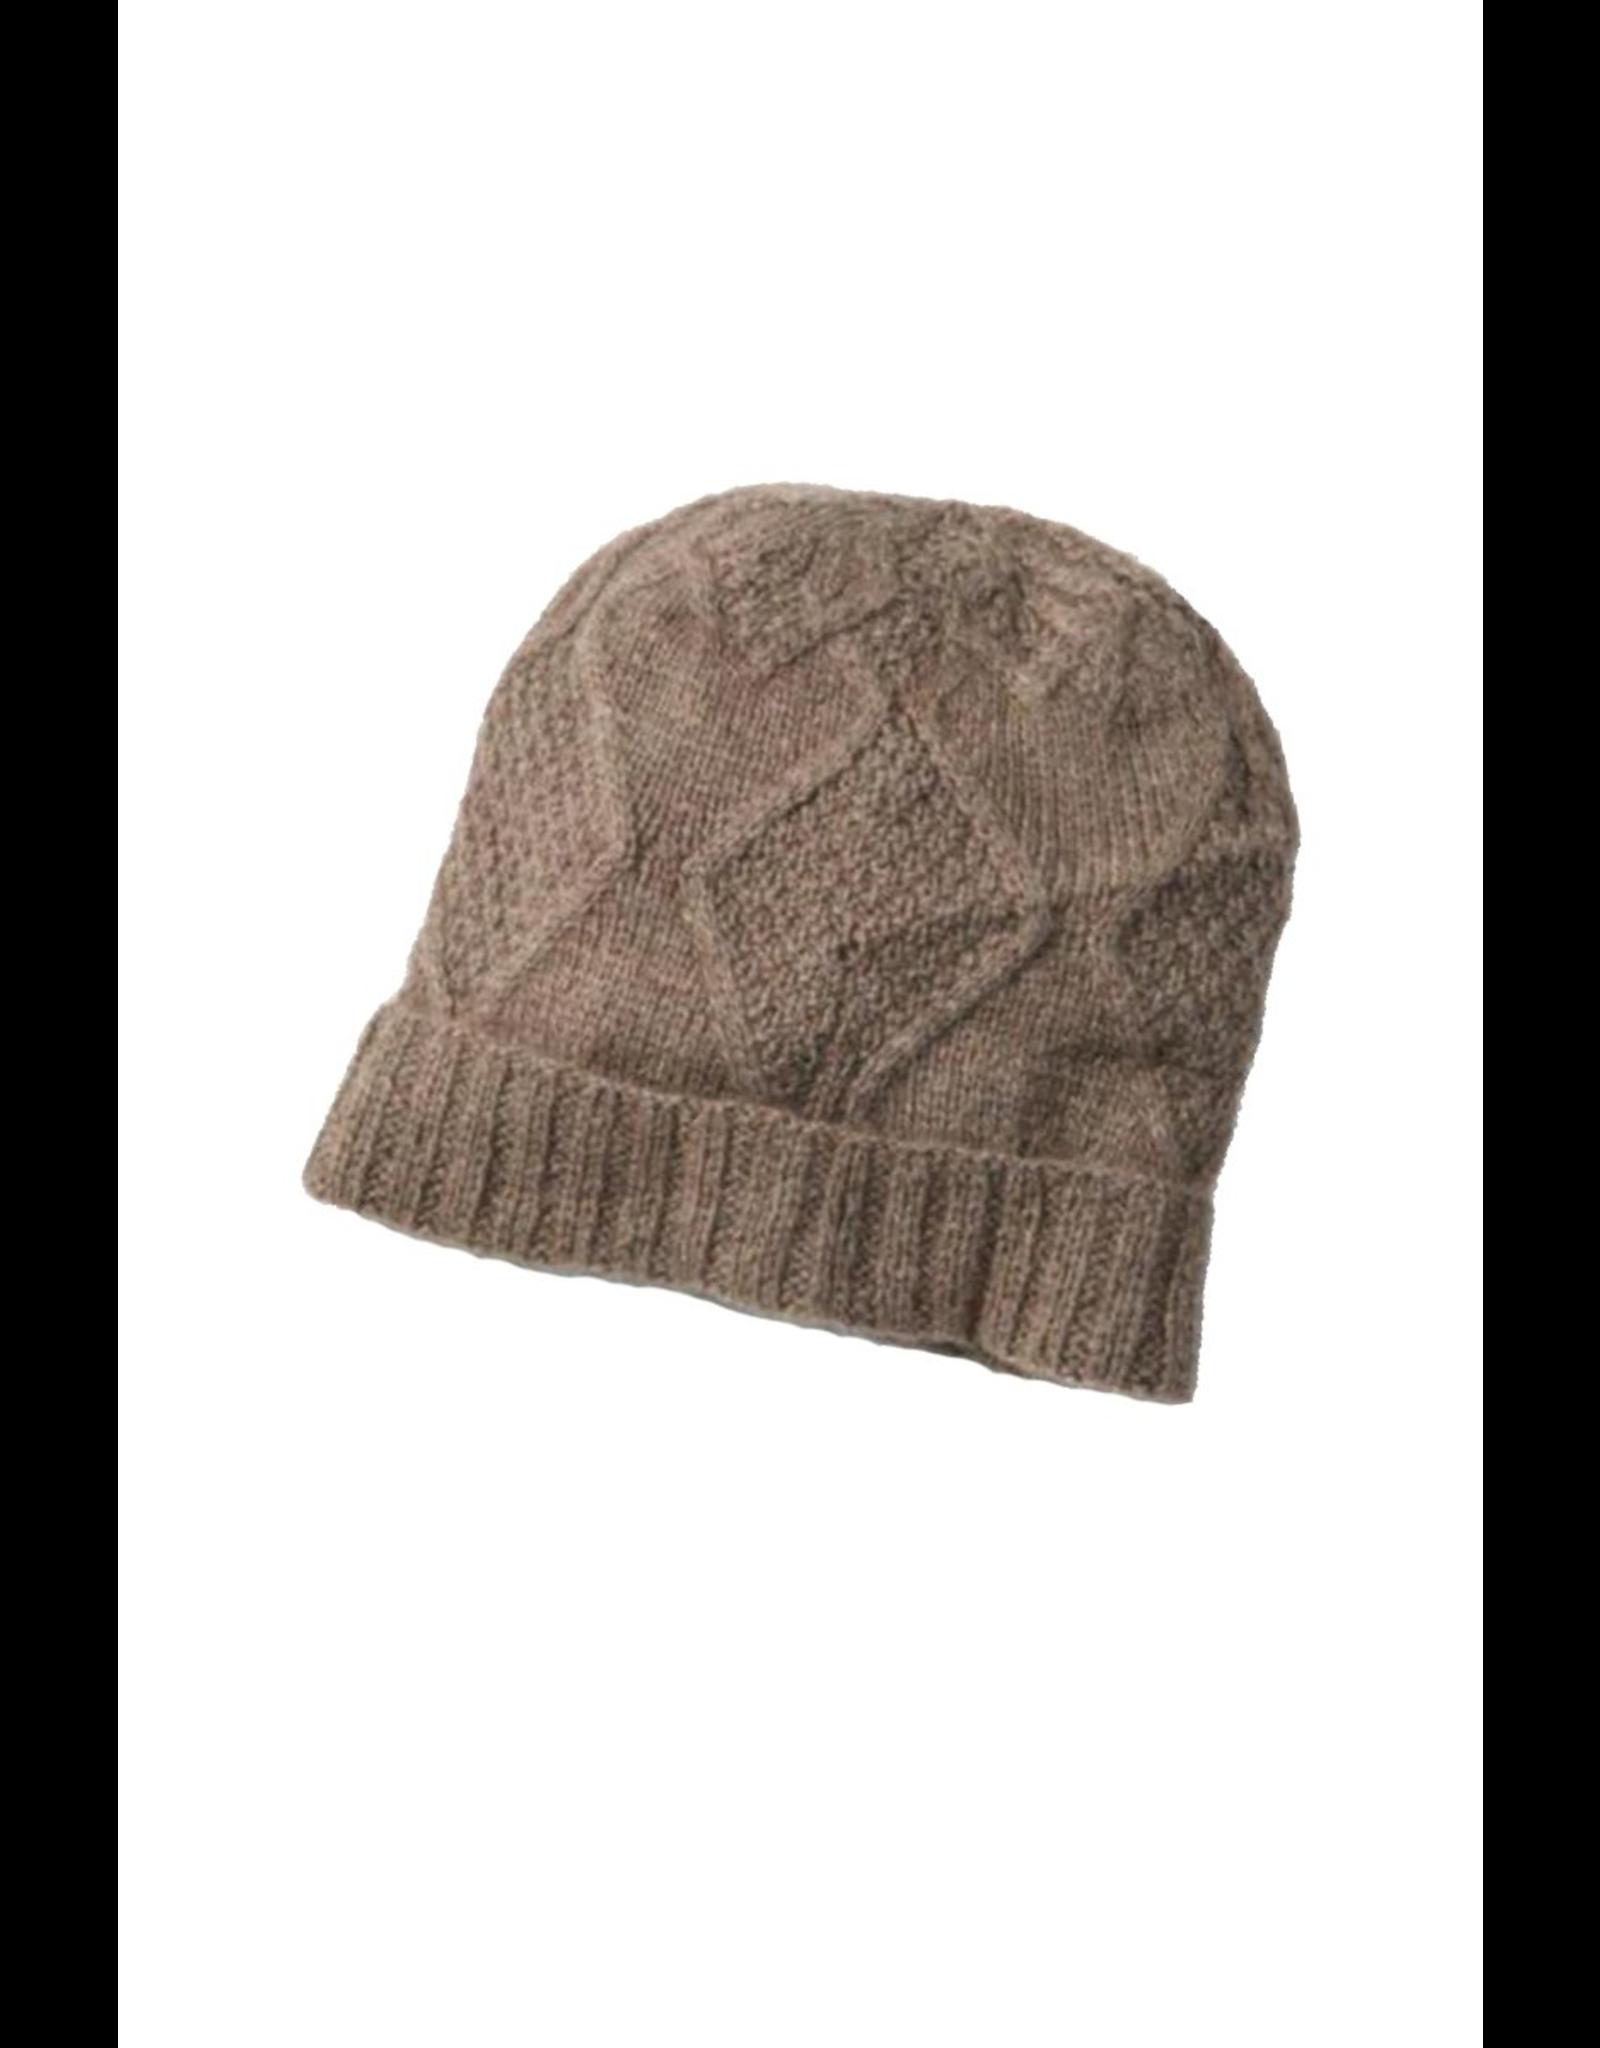 Mena Hat - 100% Qiviuk